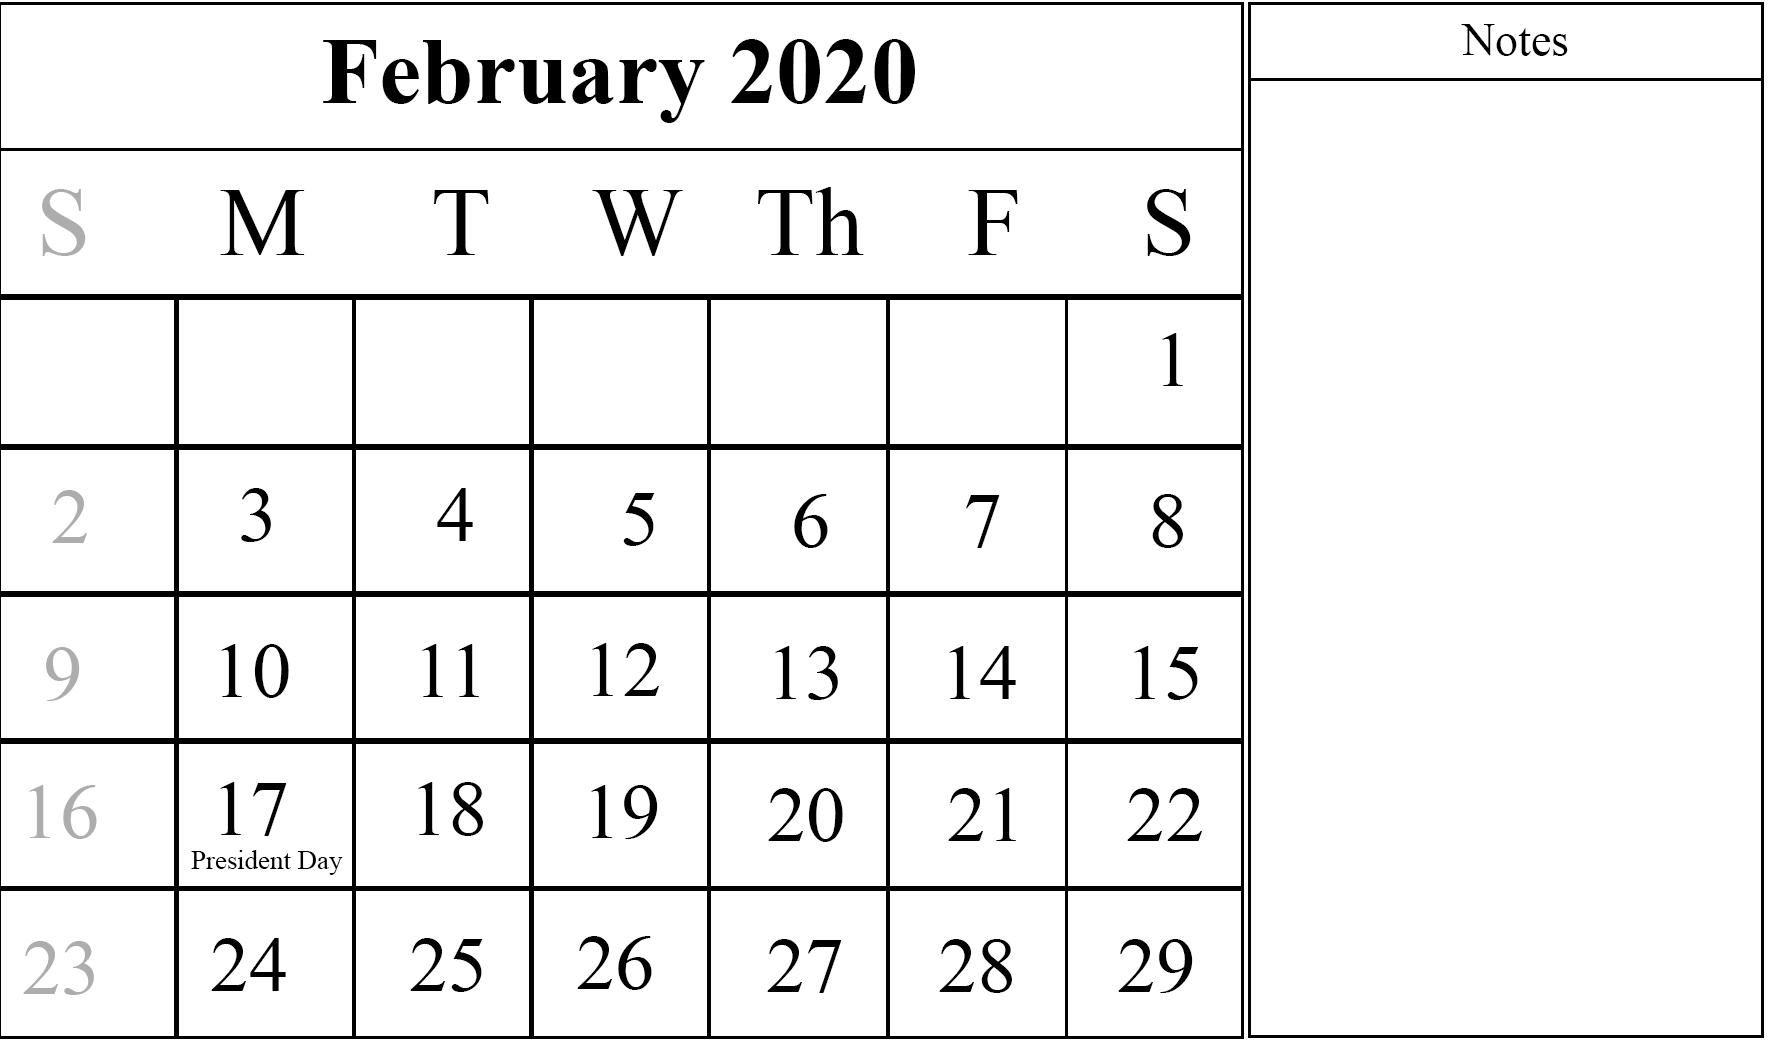 Editable February 2020 Calendar with Notes